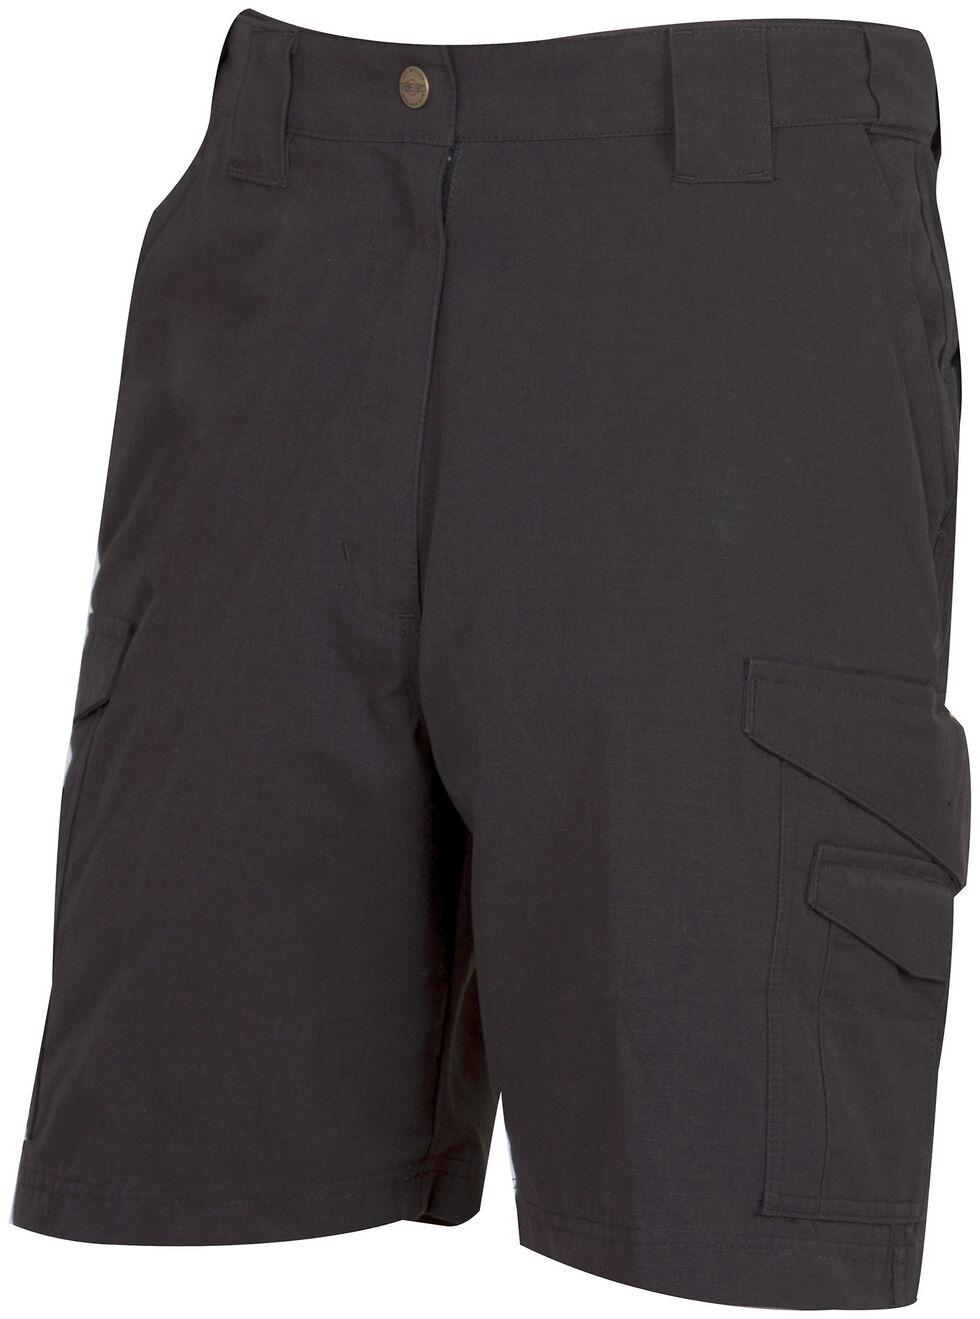 Tru-Spec Men's 24-7 Series Shorts, Black, hi-res